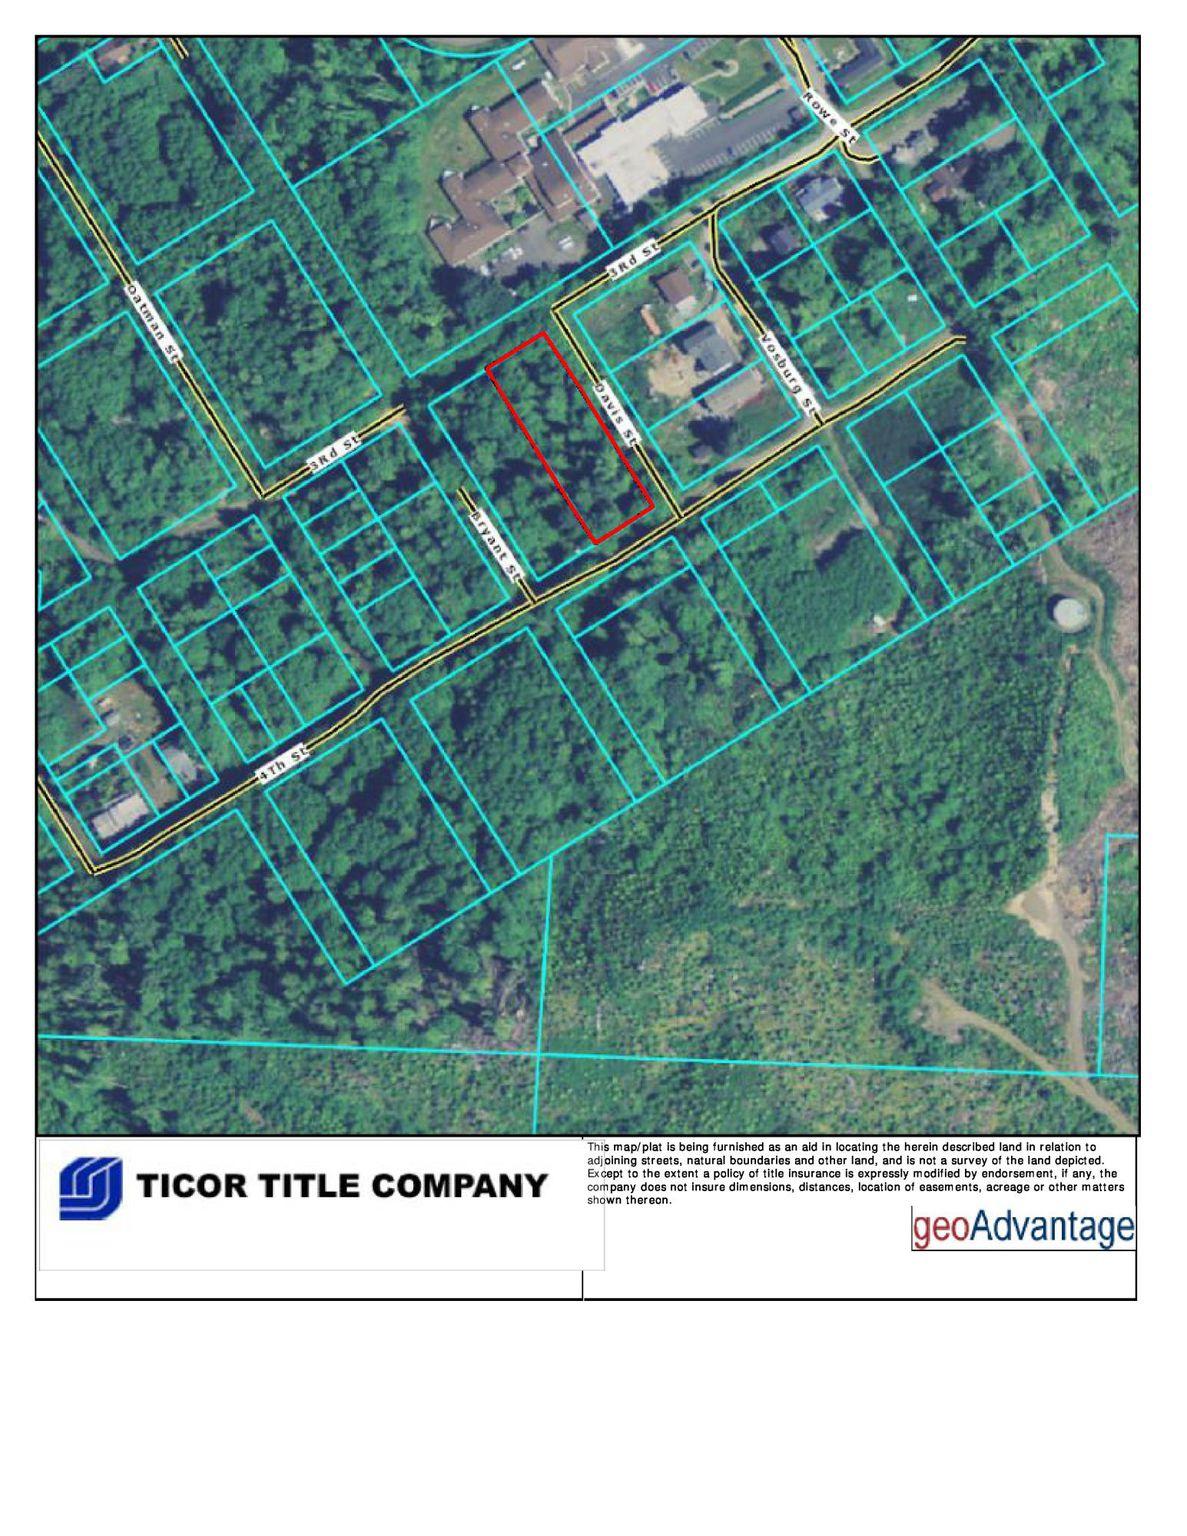 Wheeler Oregon Map.4th St Wheeler Or 97147 Lot Land Mls 18 828 6 Photos Trulia